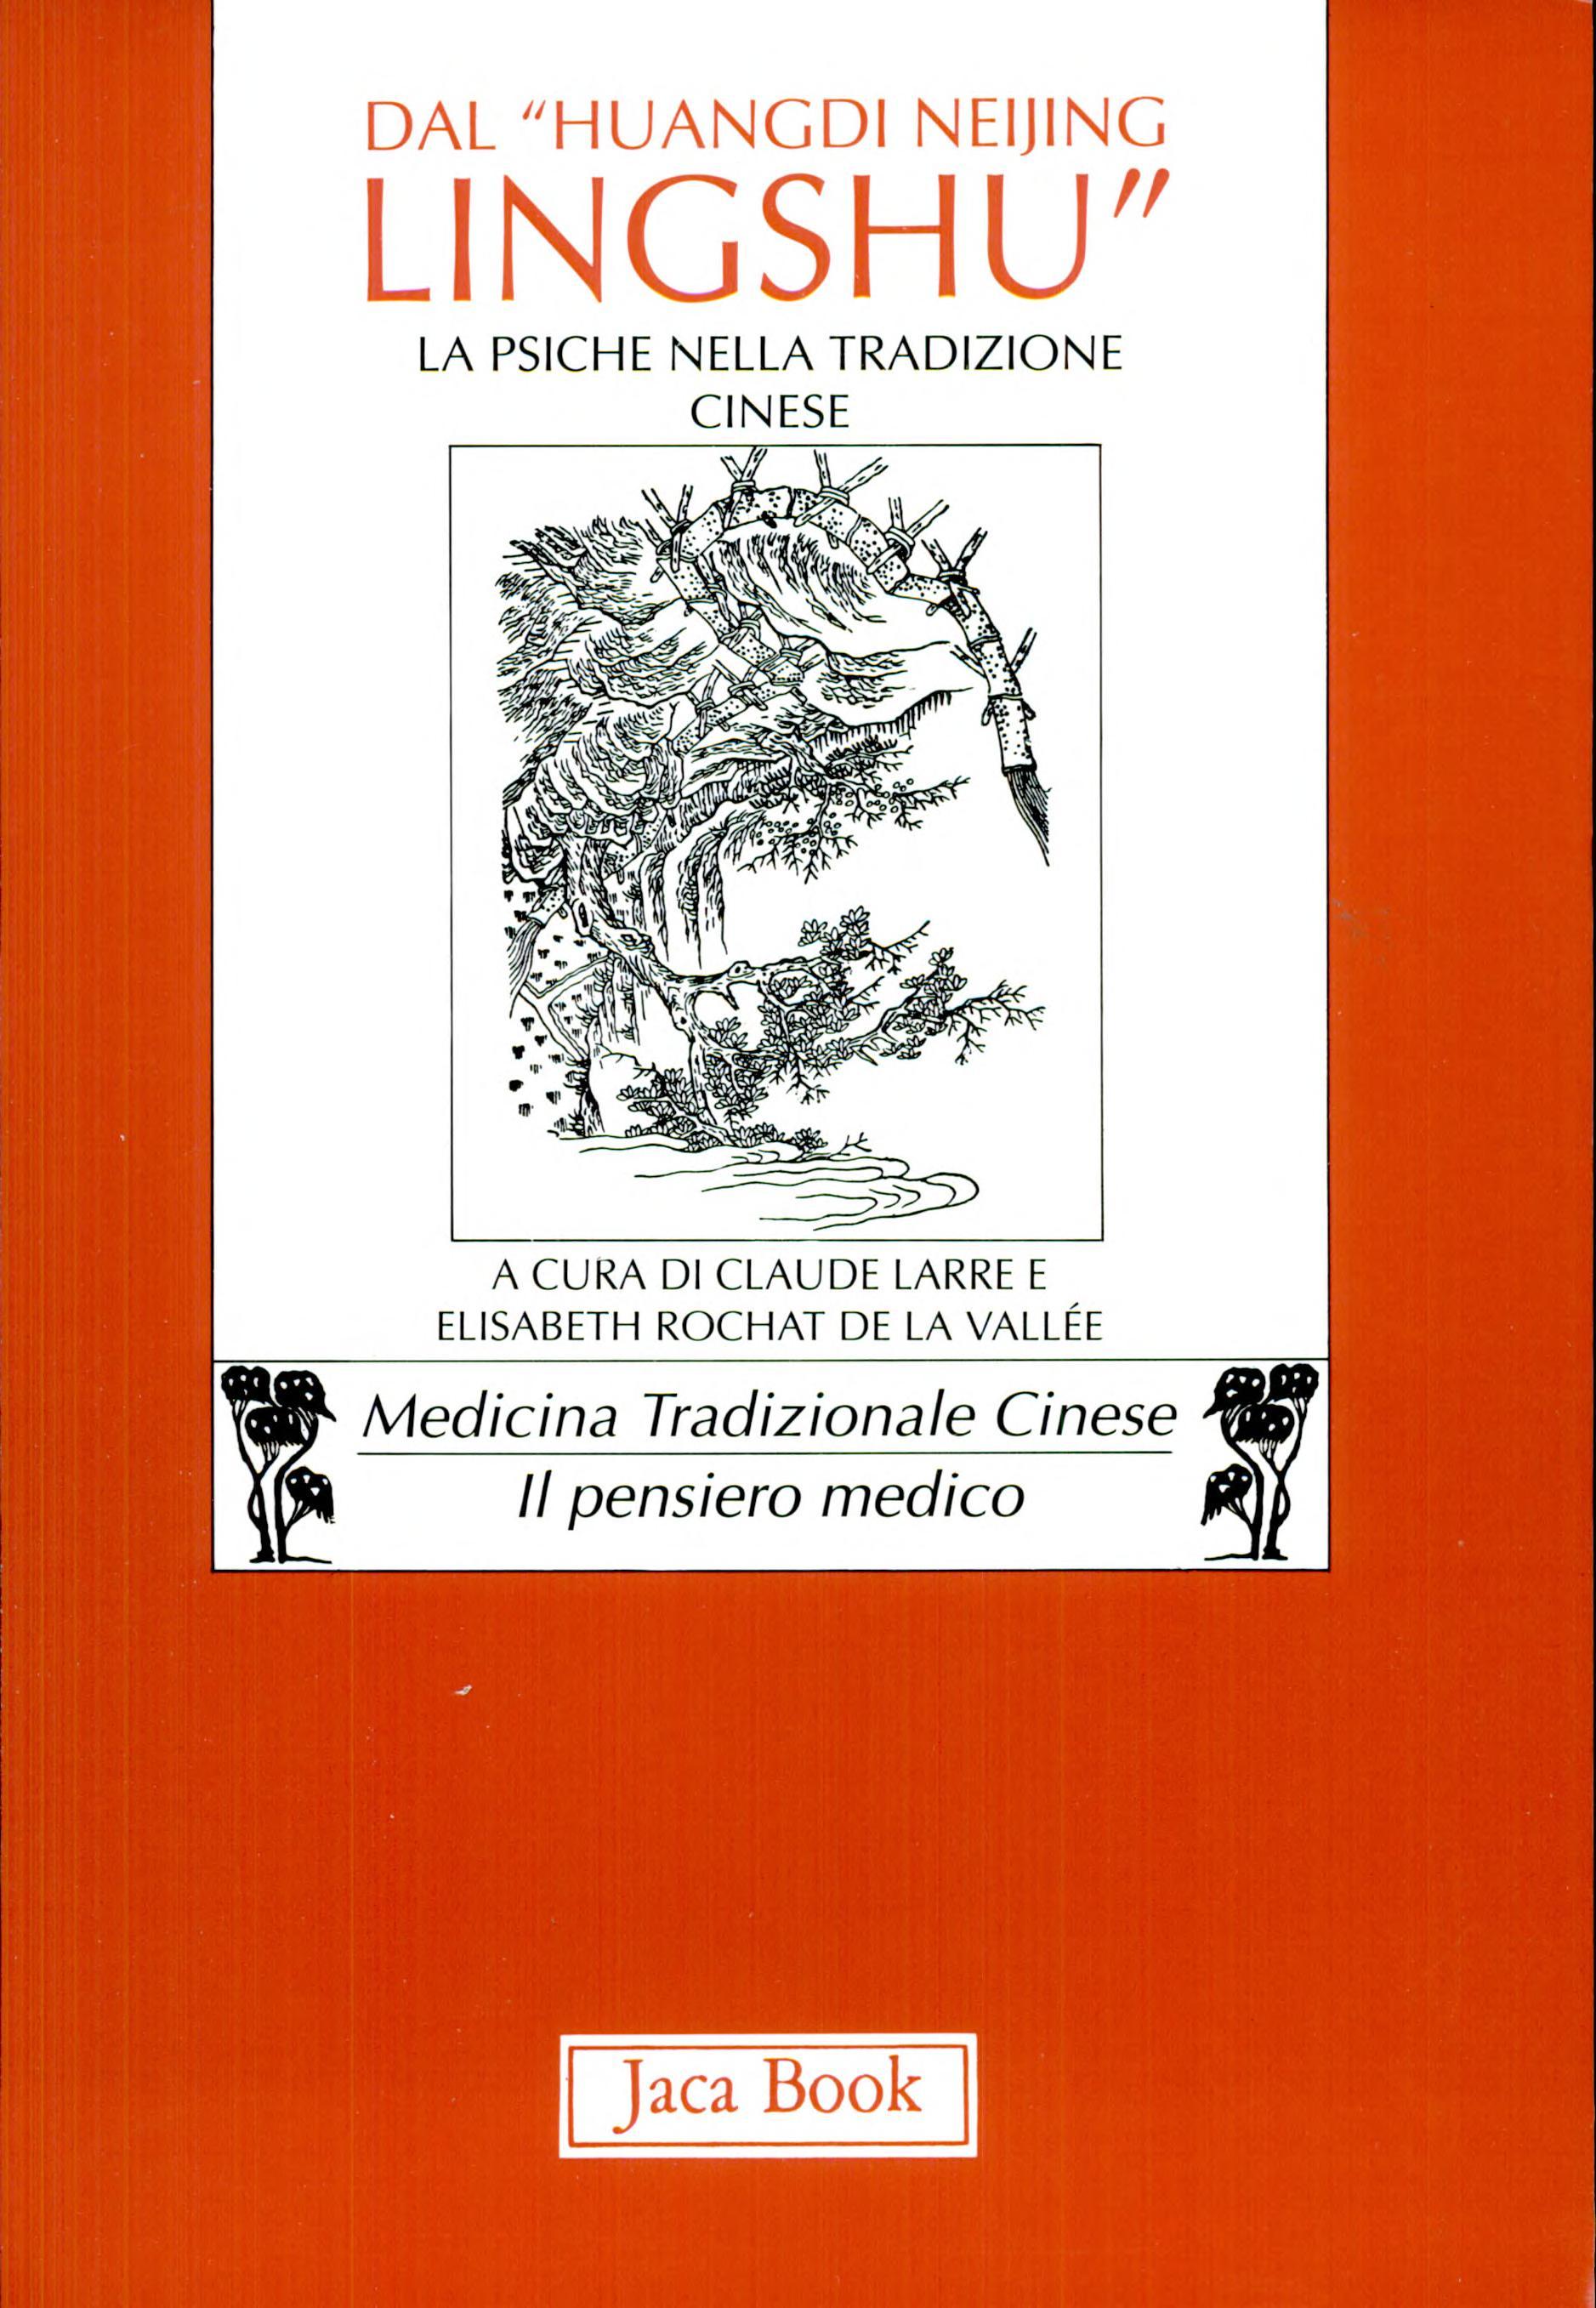 Dal   Huangdi neijing ling shu   il capitolo ottavo  la psiche nella tradizione cinese